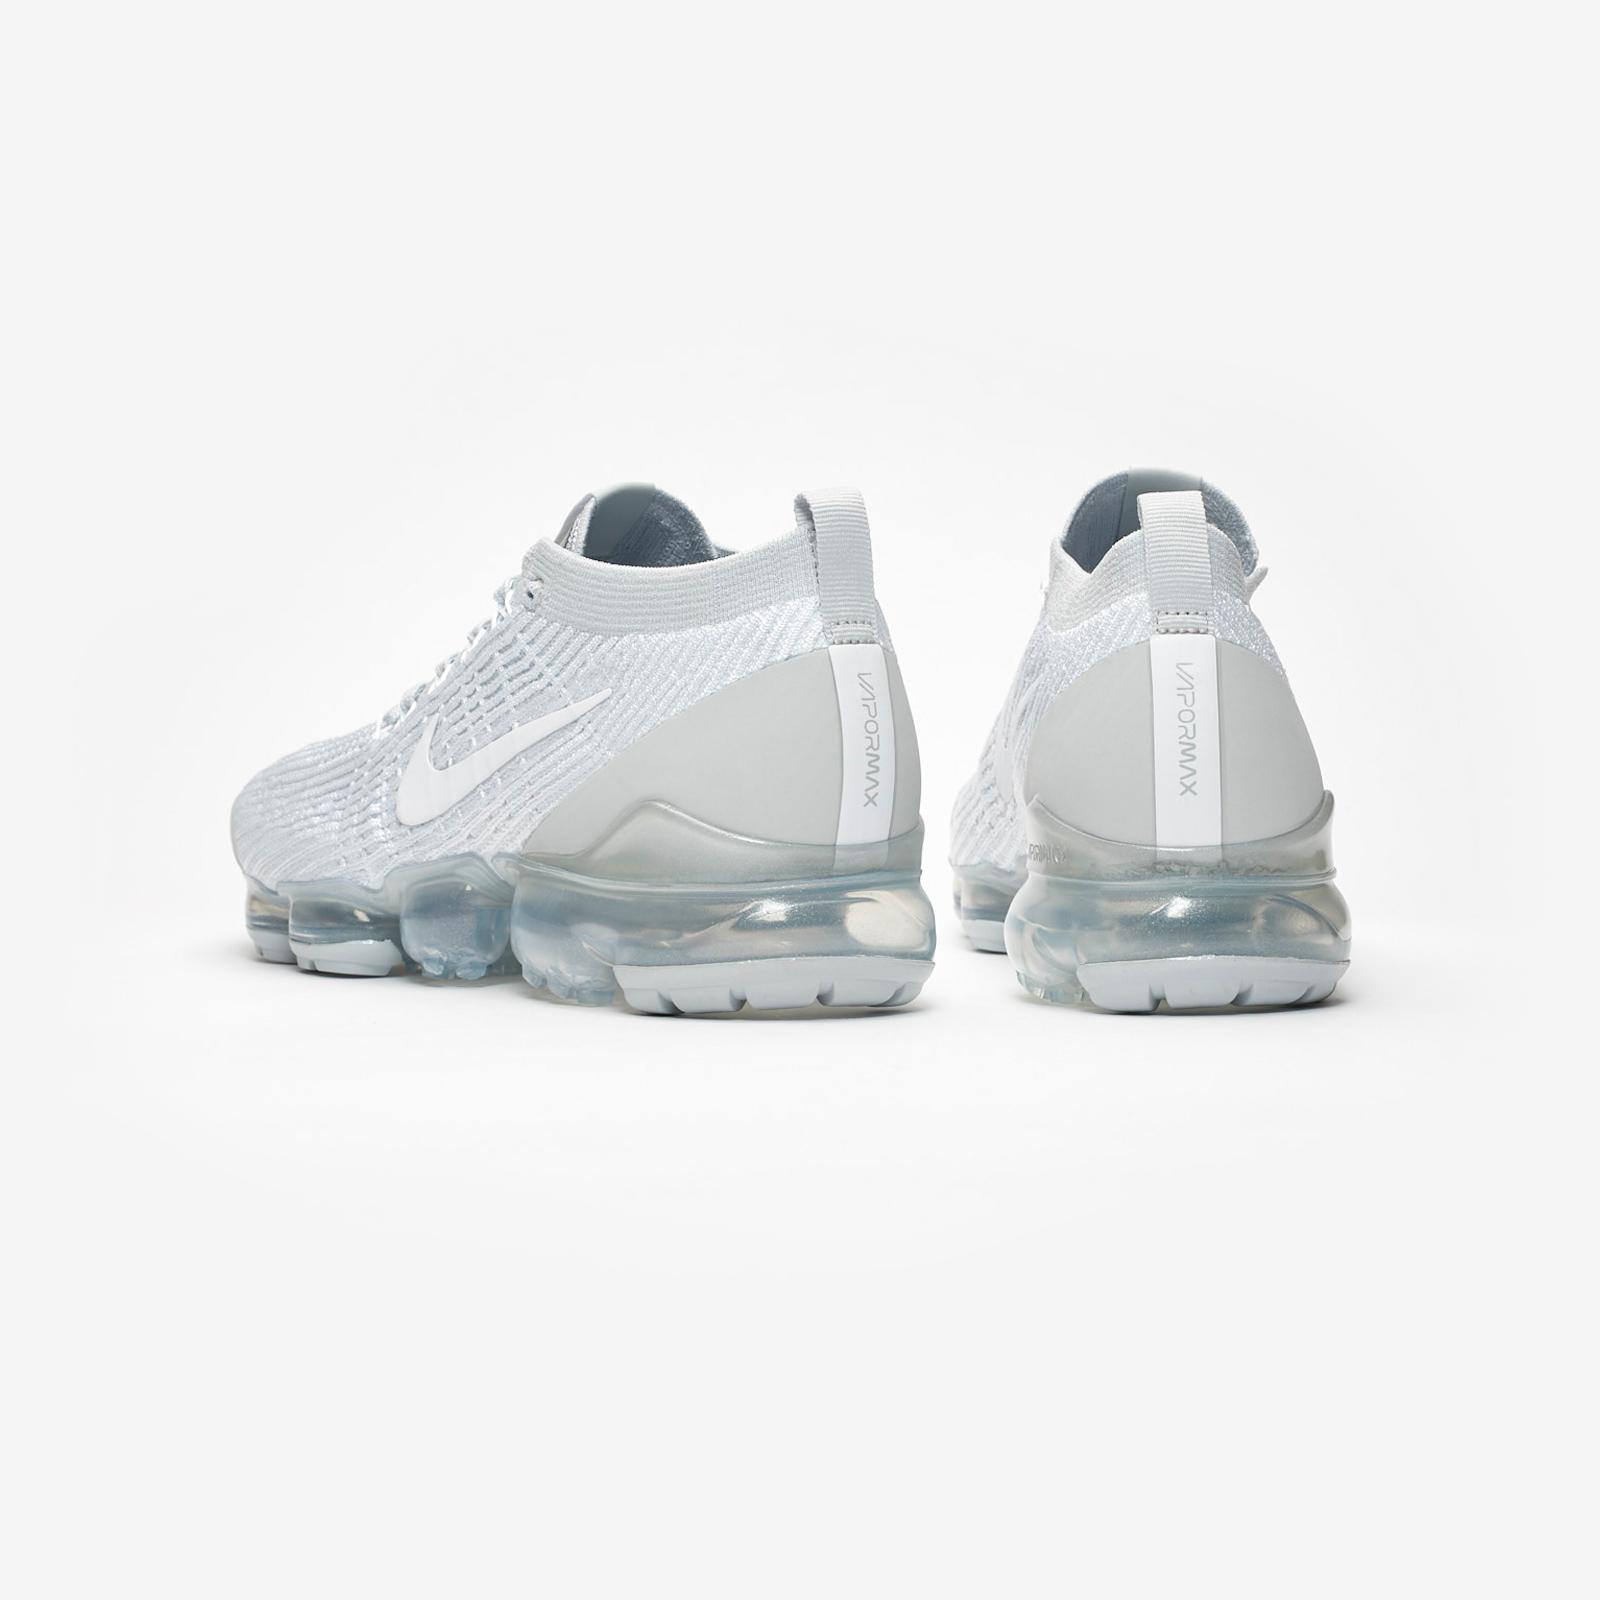 c4e5cae6fd Nike Air Vapormax Flyknit 3 - Aj6900-102 - Sneakersnstuff | sneakers &  streetwear online since 1999